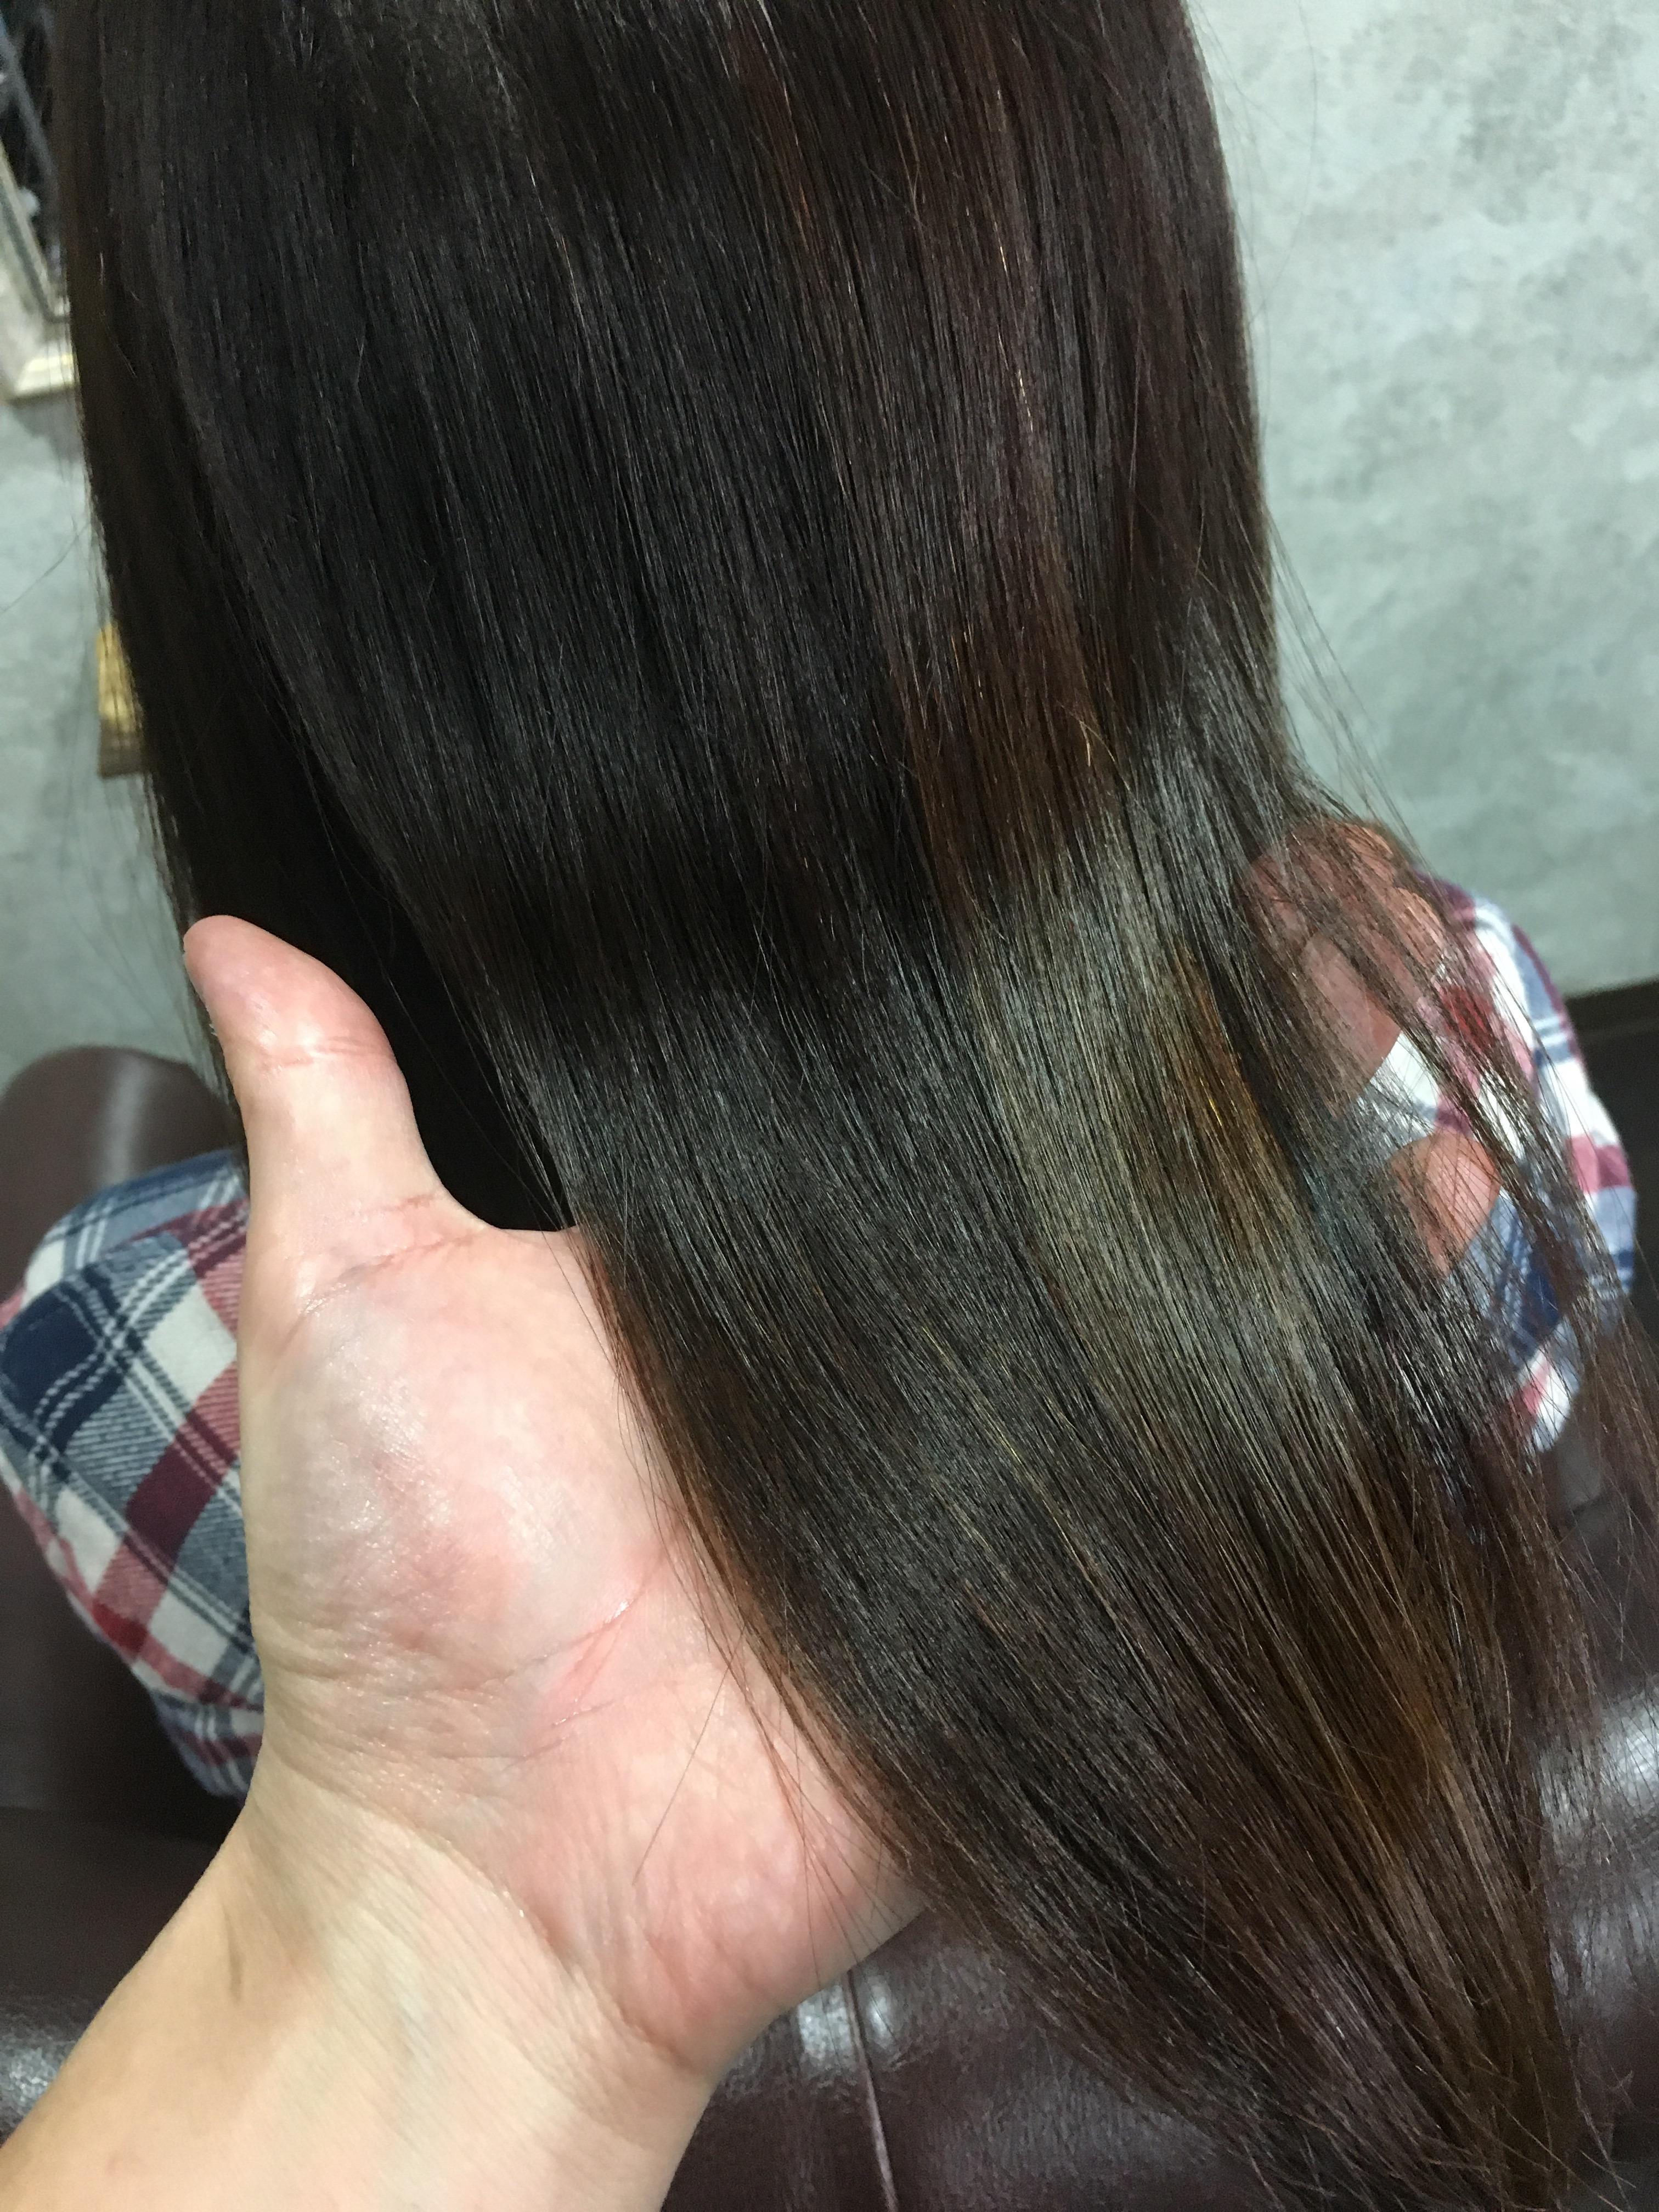 ビビり毛になりそうな髪に縮毛矯正